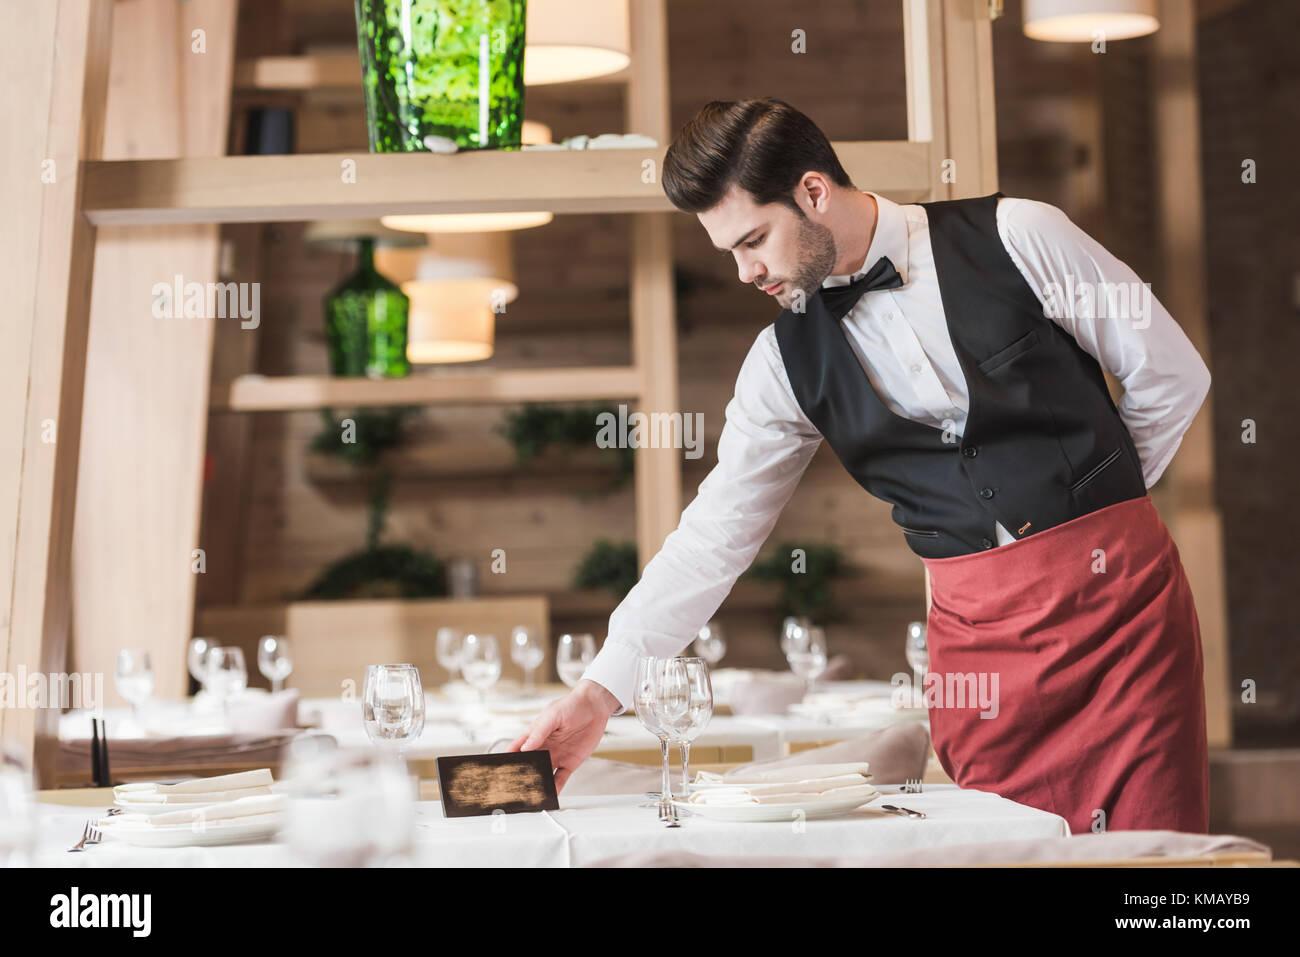 Cameriere mettendo riservati segno Immagini Stock